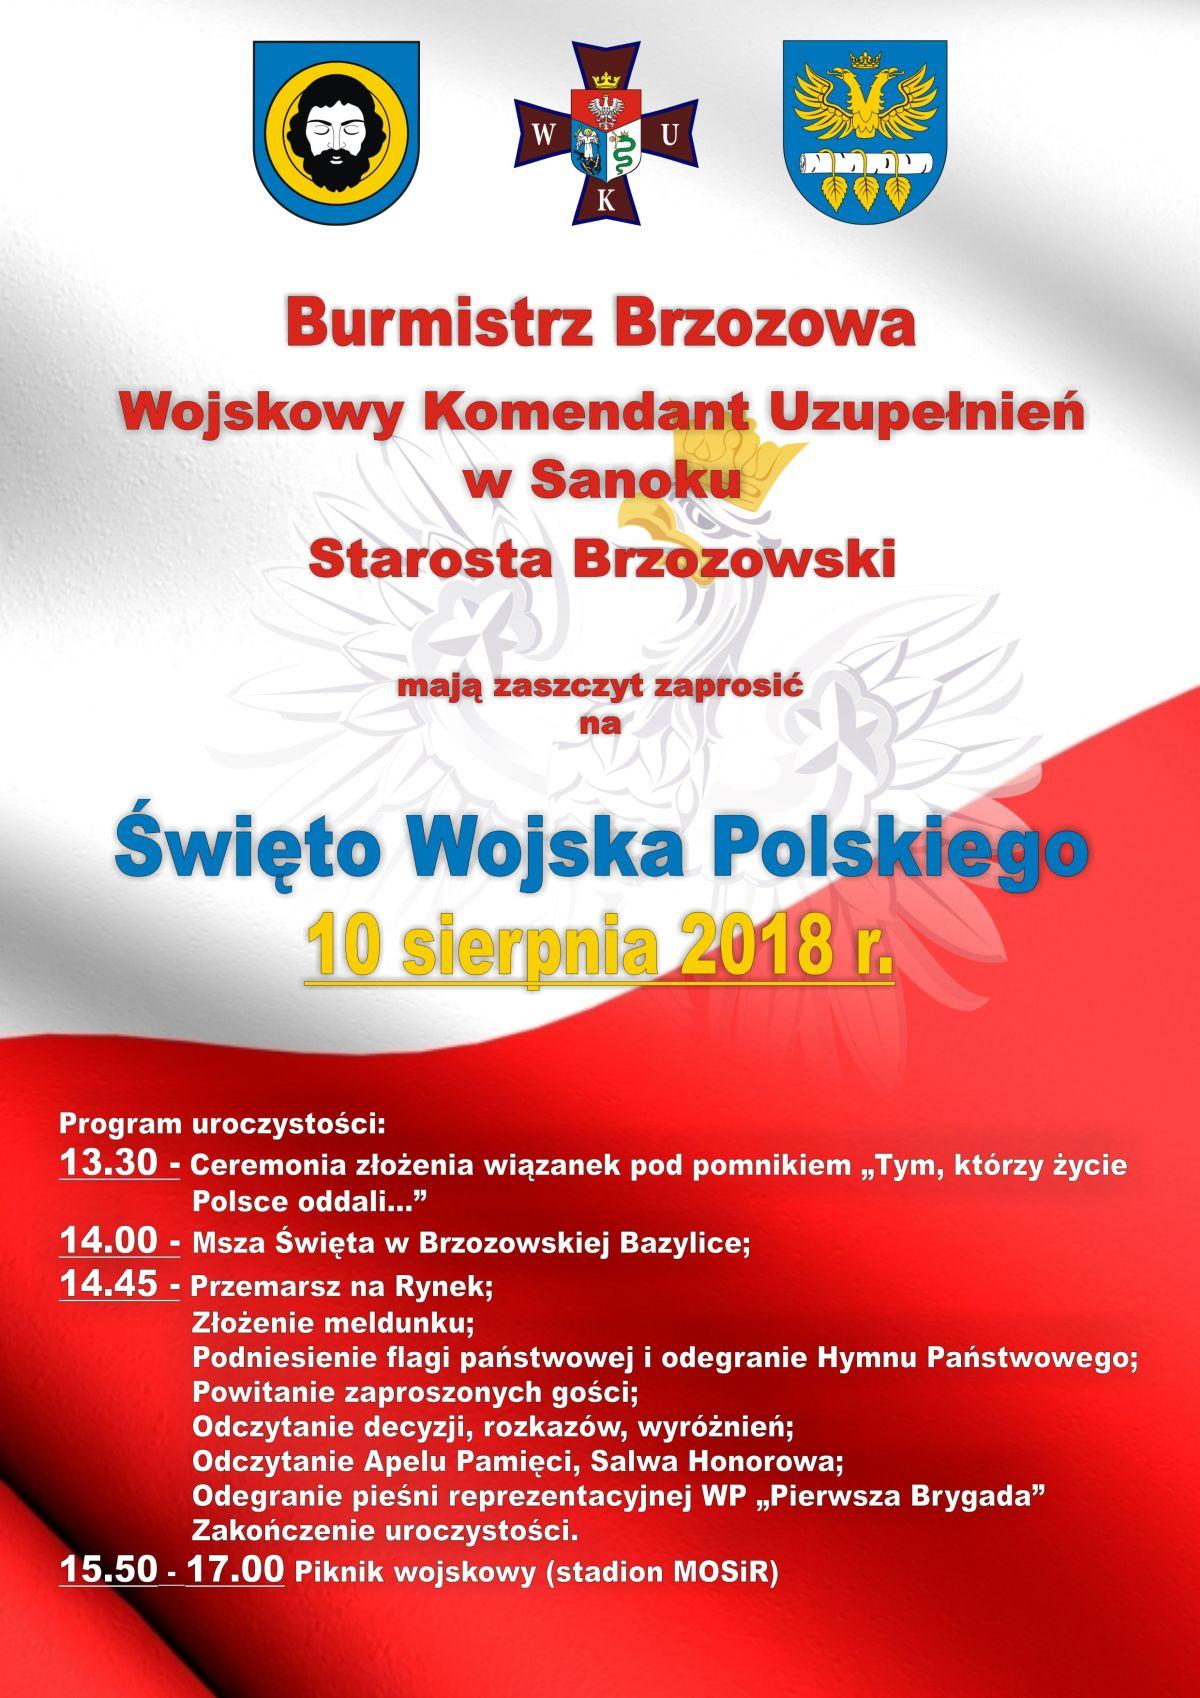 swietowojskapolskiego1